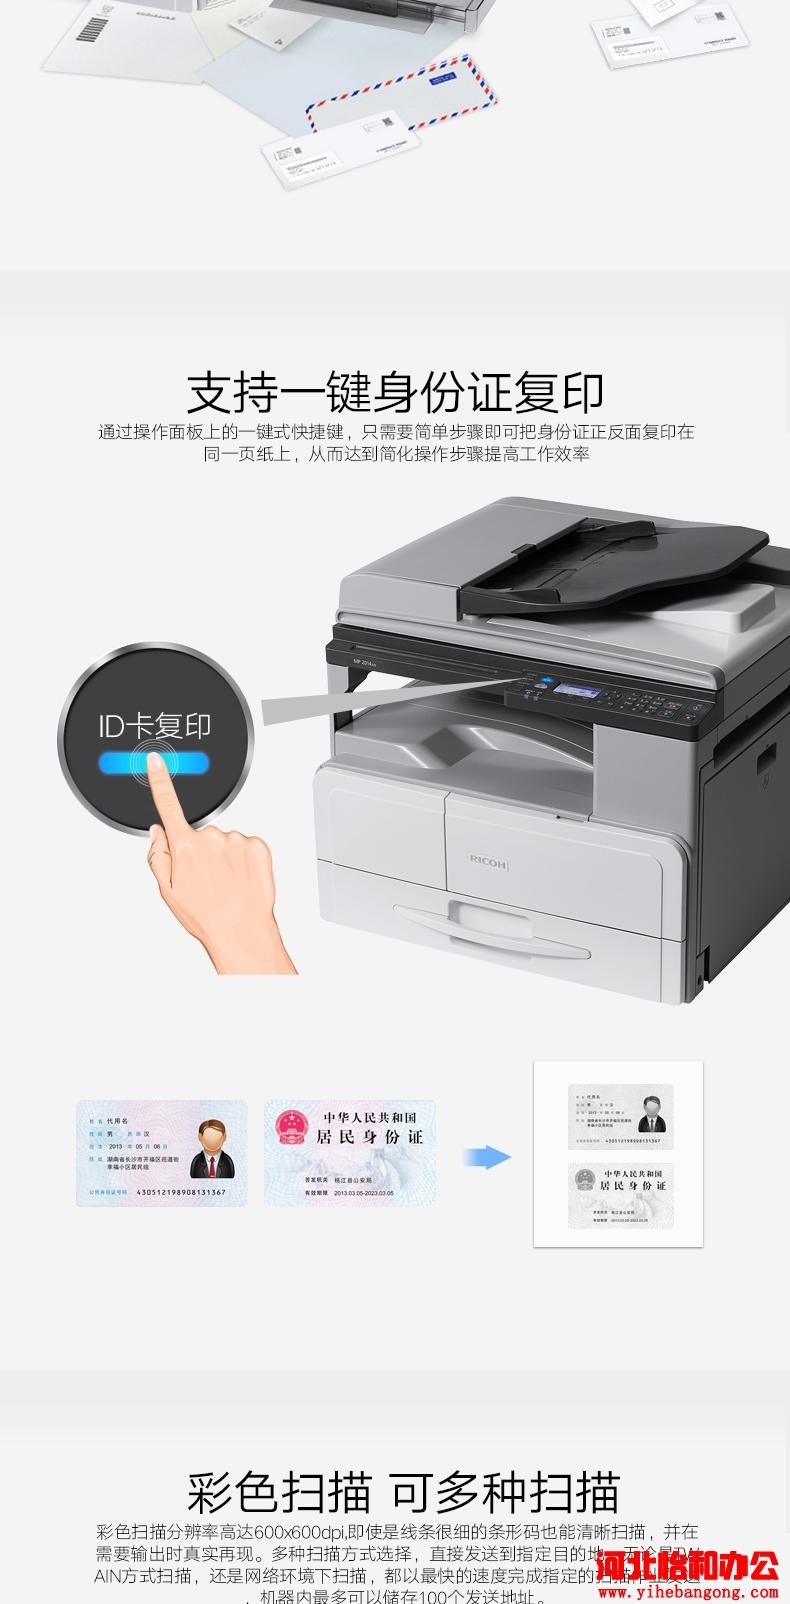 石家庄理光复印机售后电话